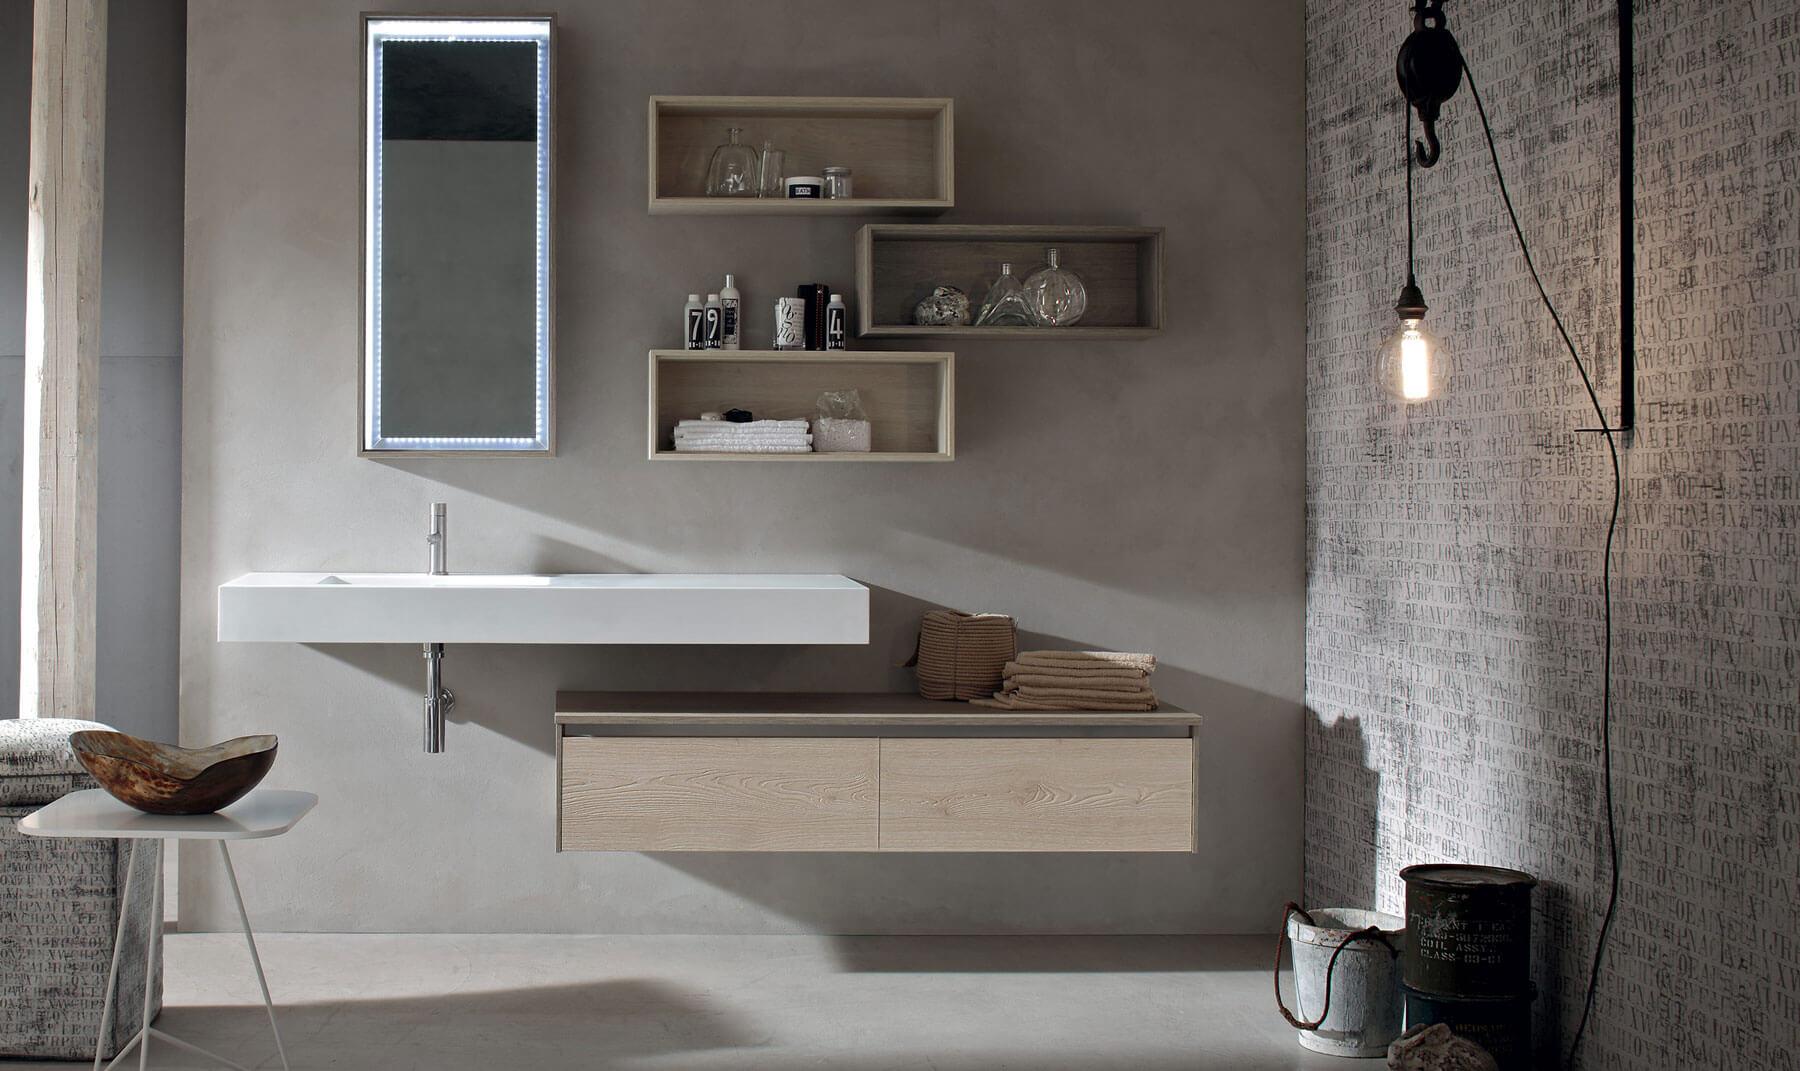 Arredo bagno como e provincia design per la casa e idee for Arredo bagno provincia como